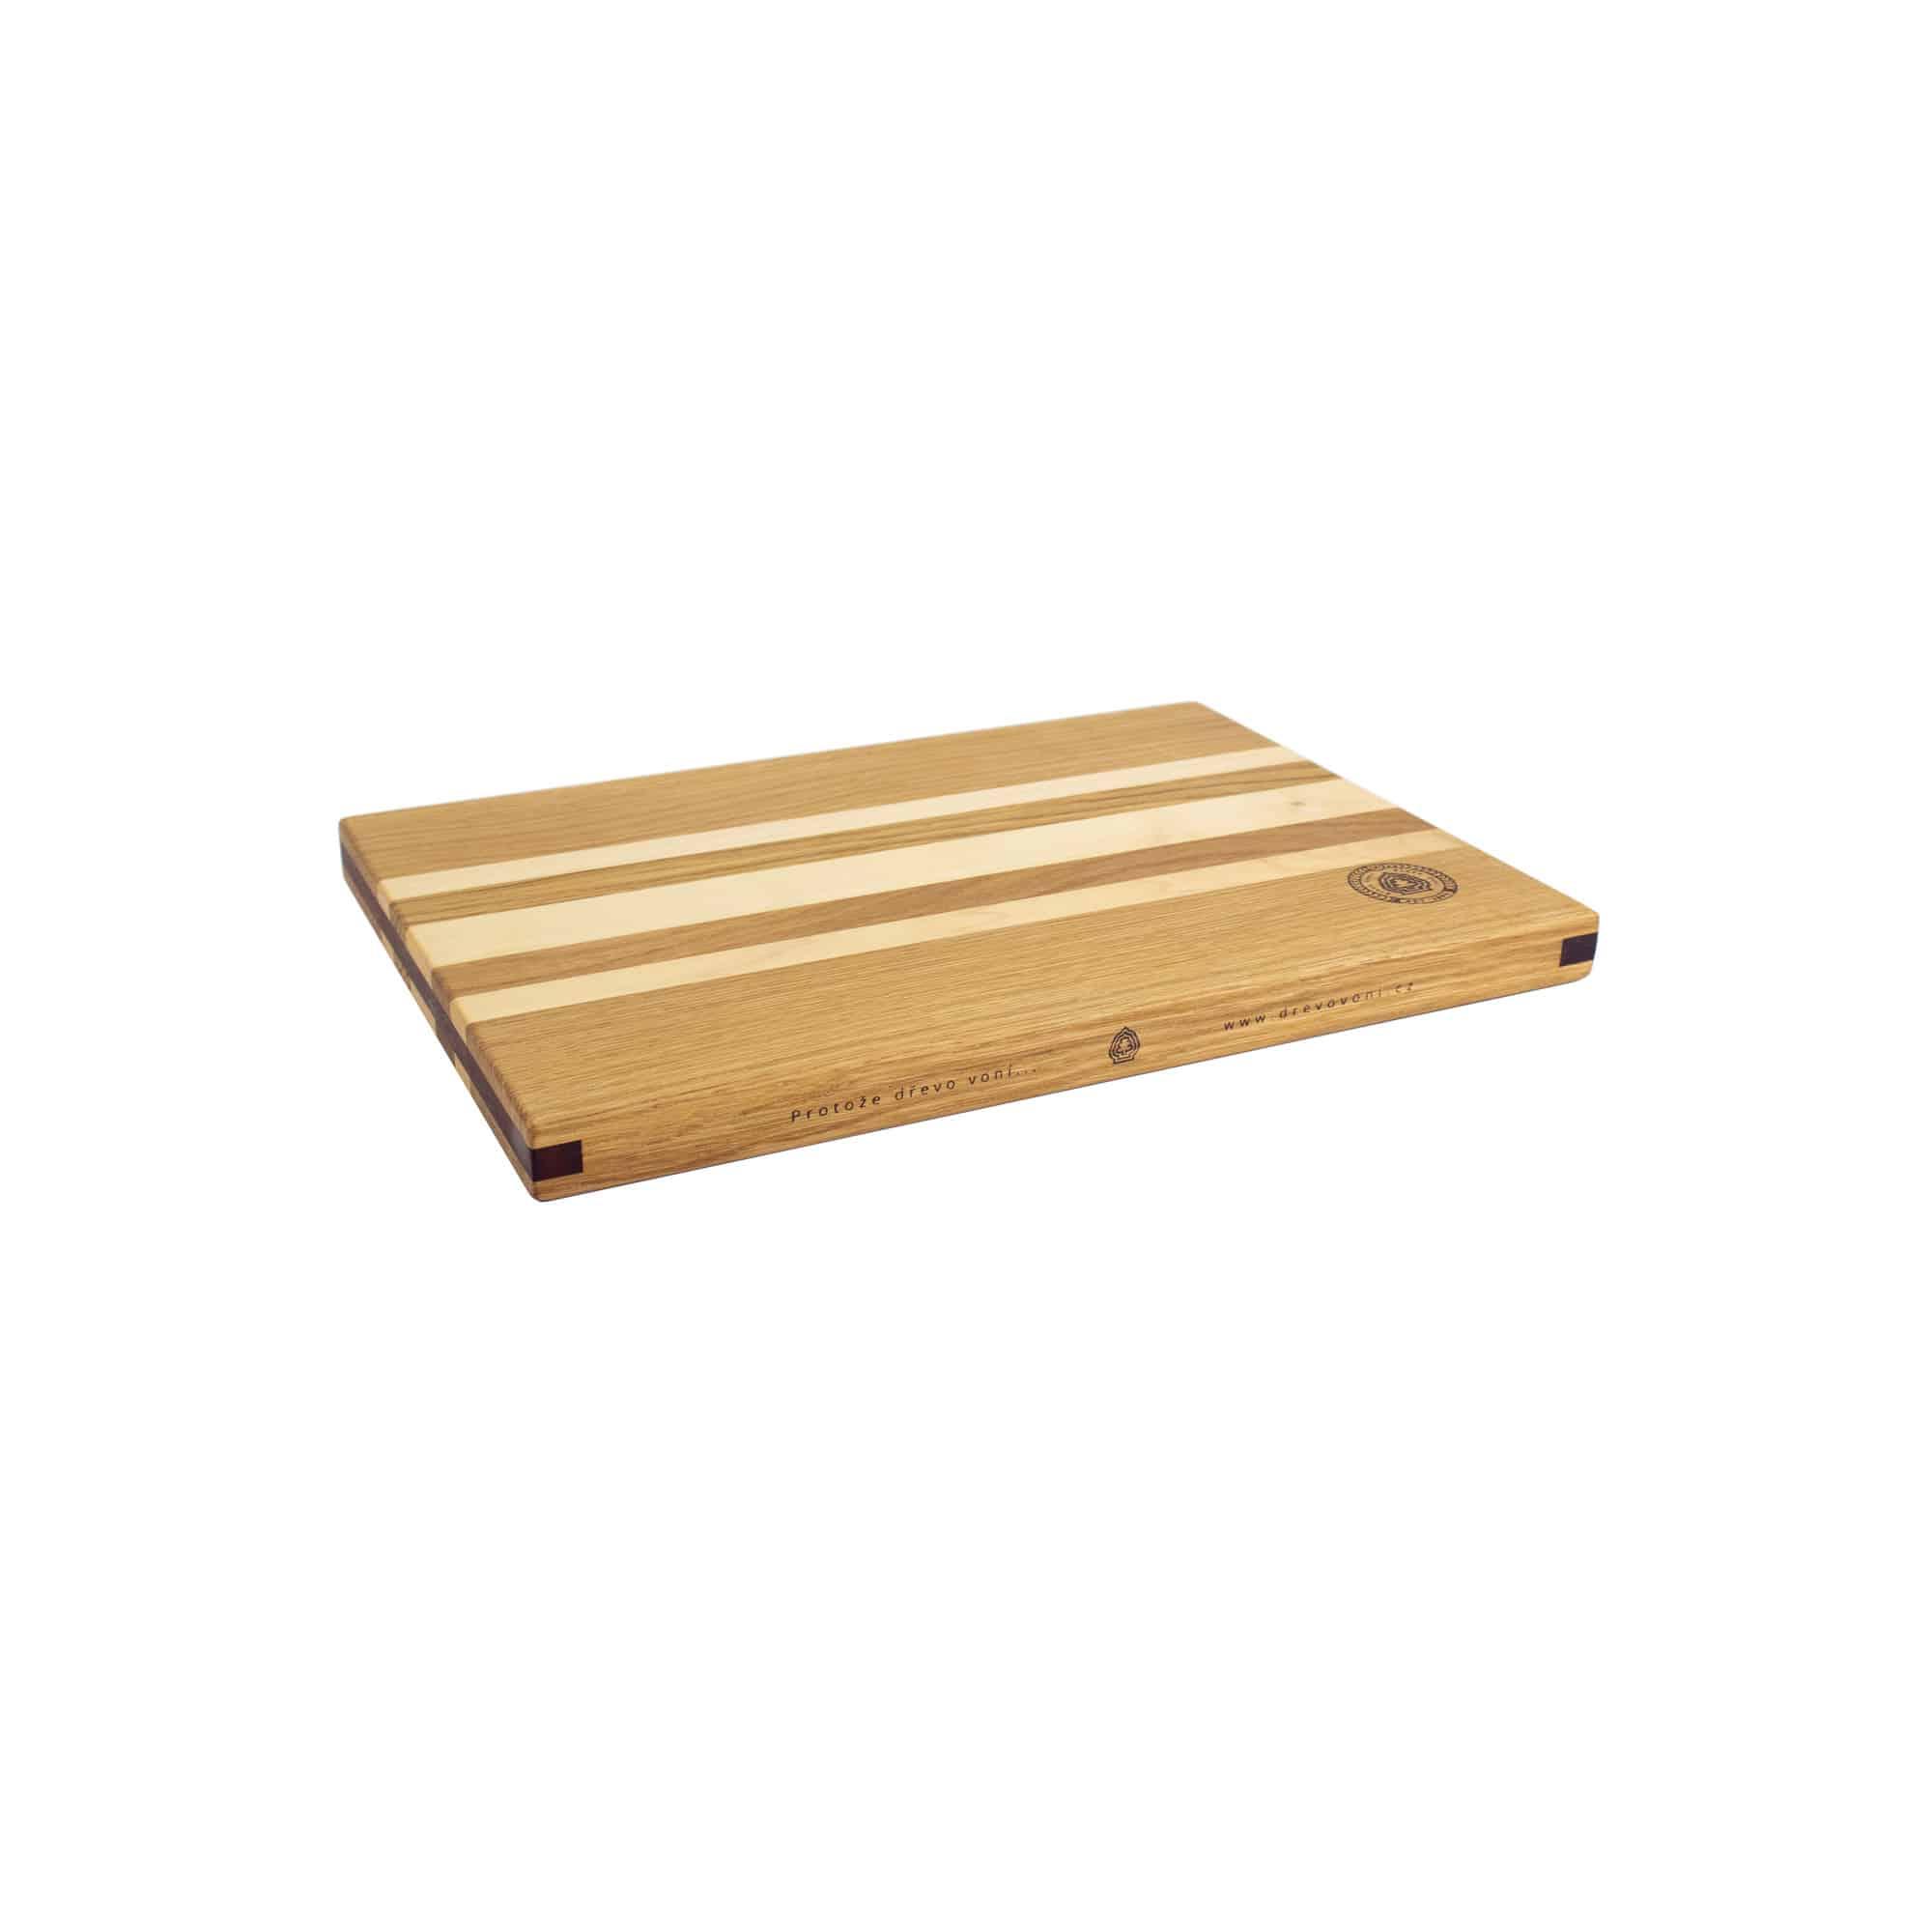 Dřevo voní kuchyňské prkénko univerzální ze dřeva